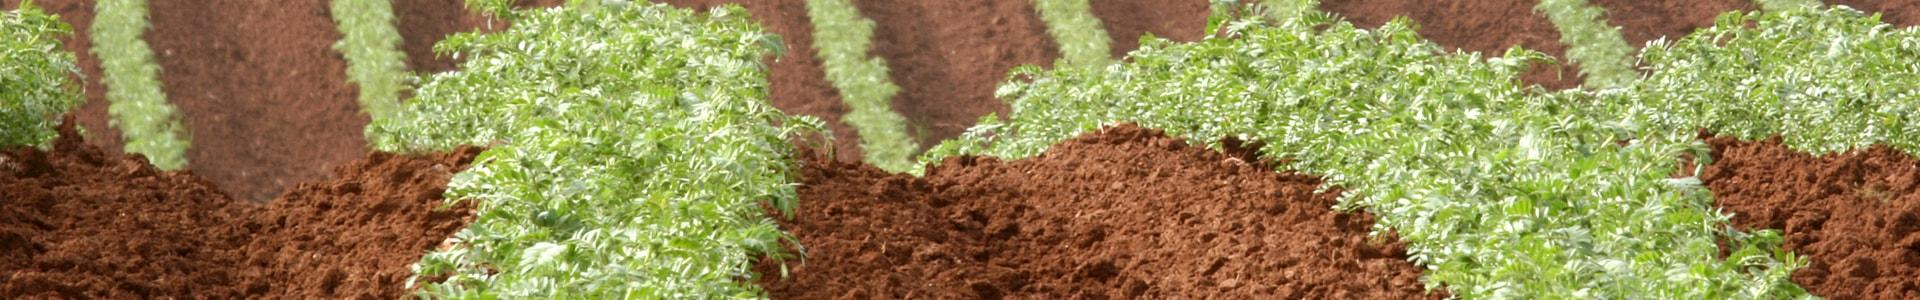 agricultura-netafim-s